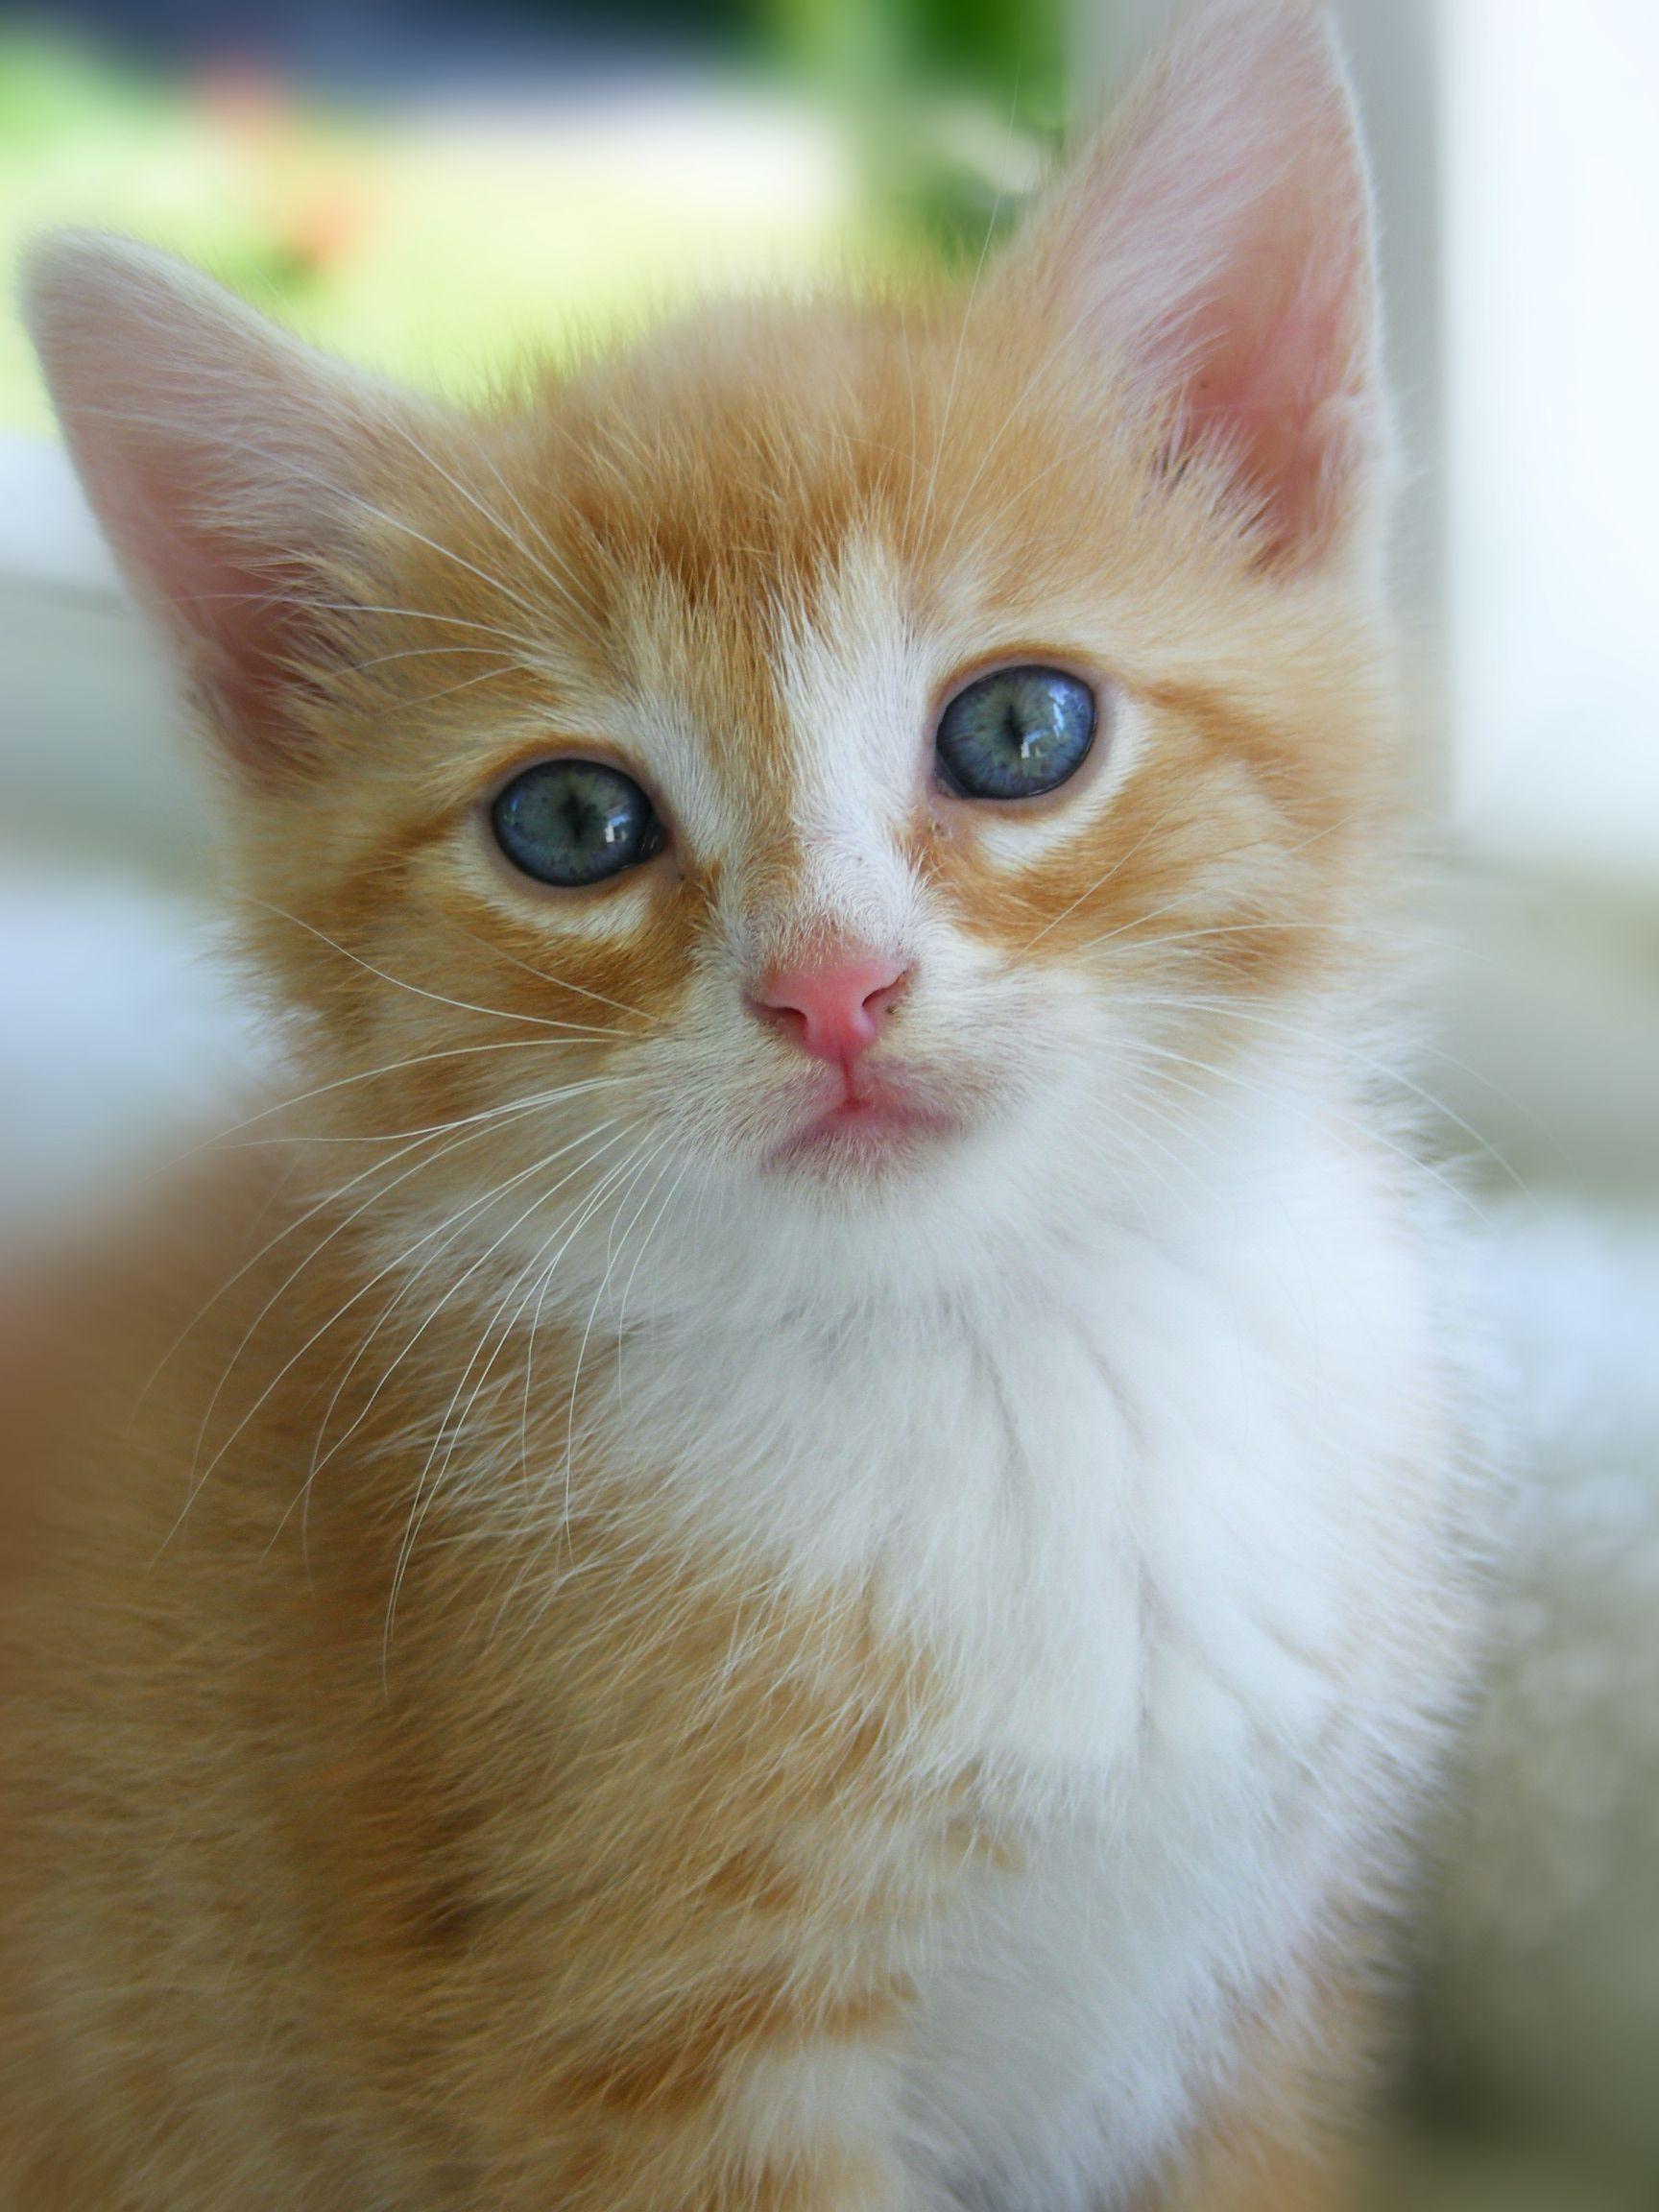 yellow and white kitten